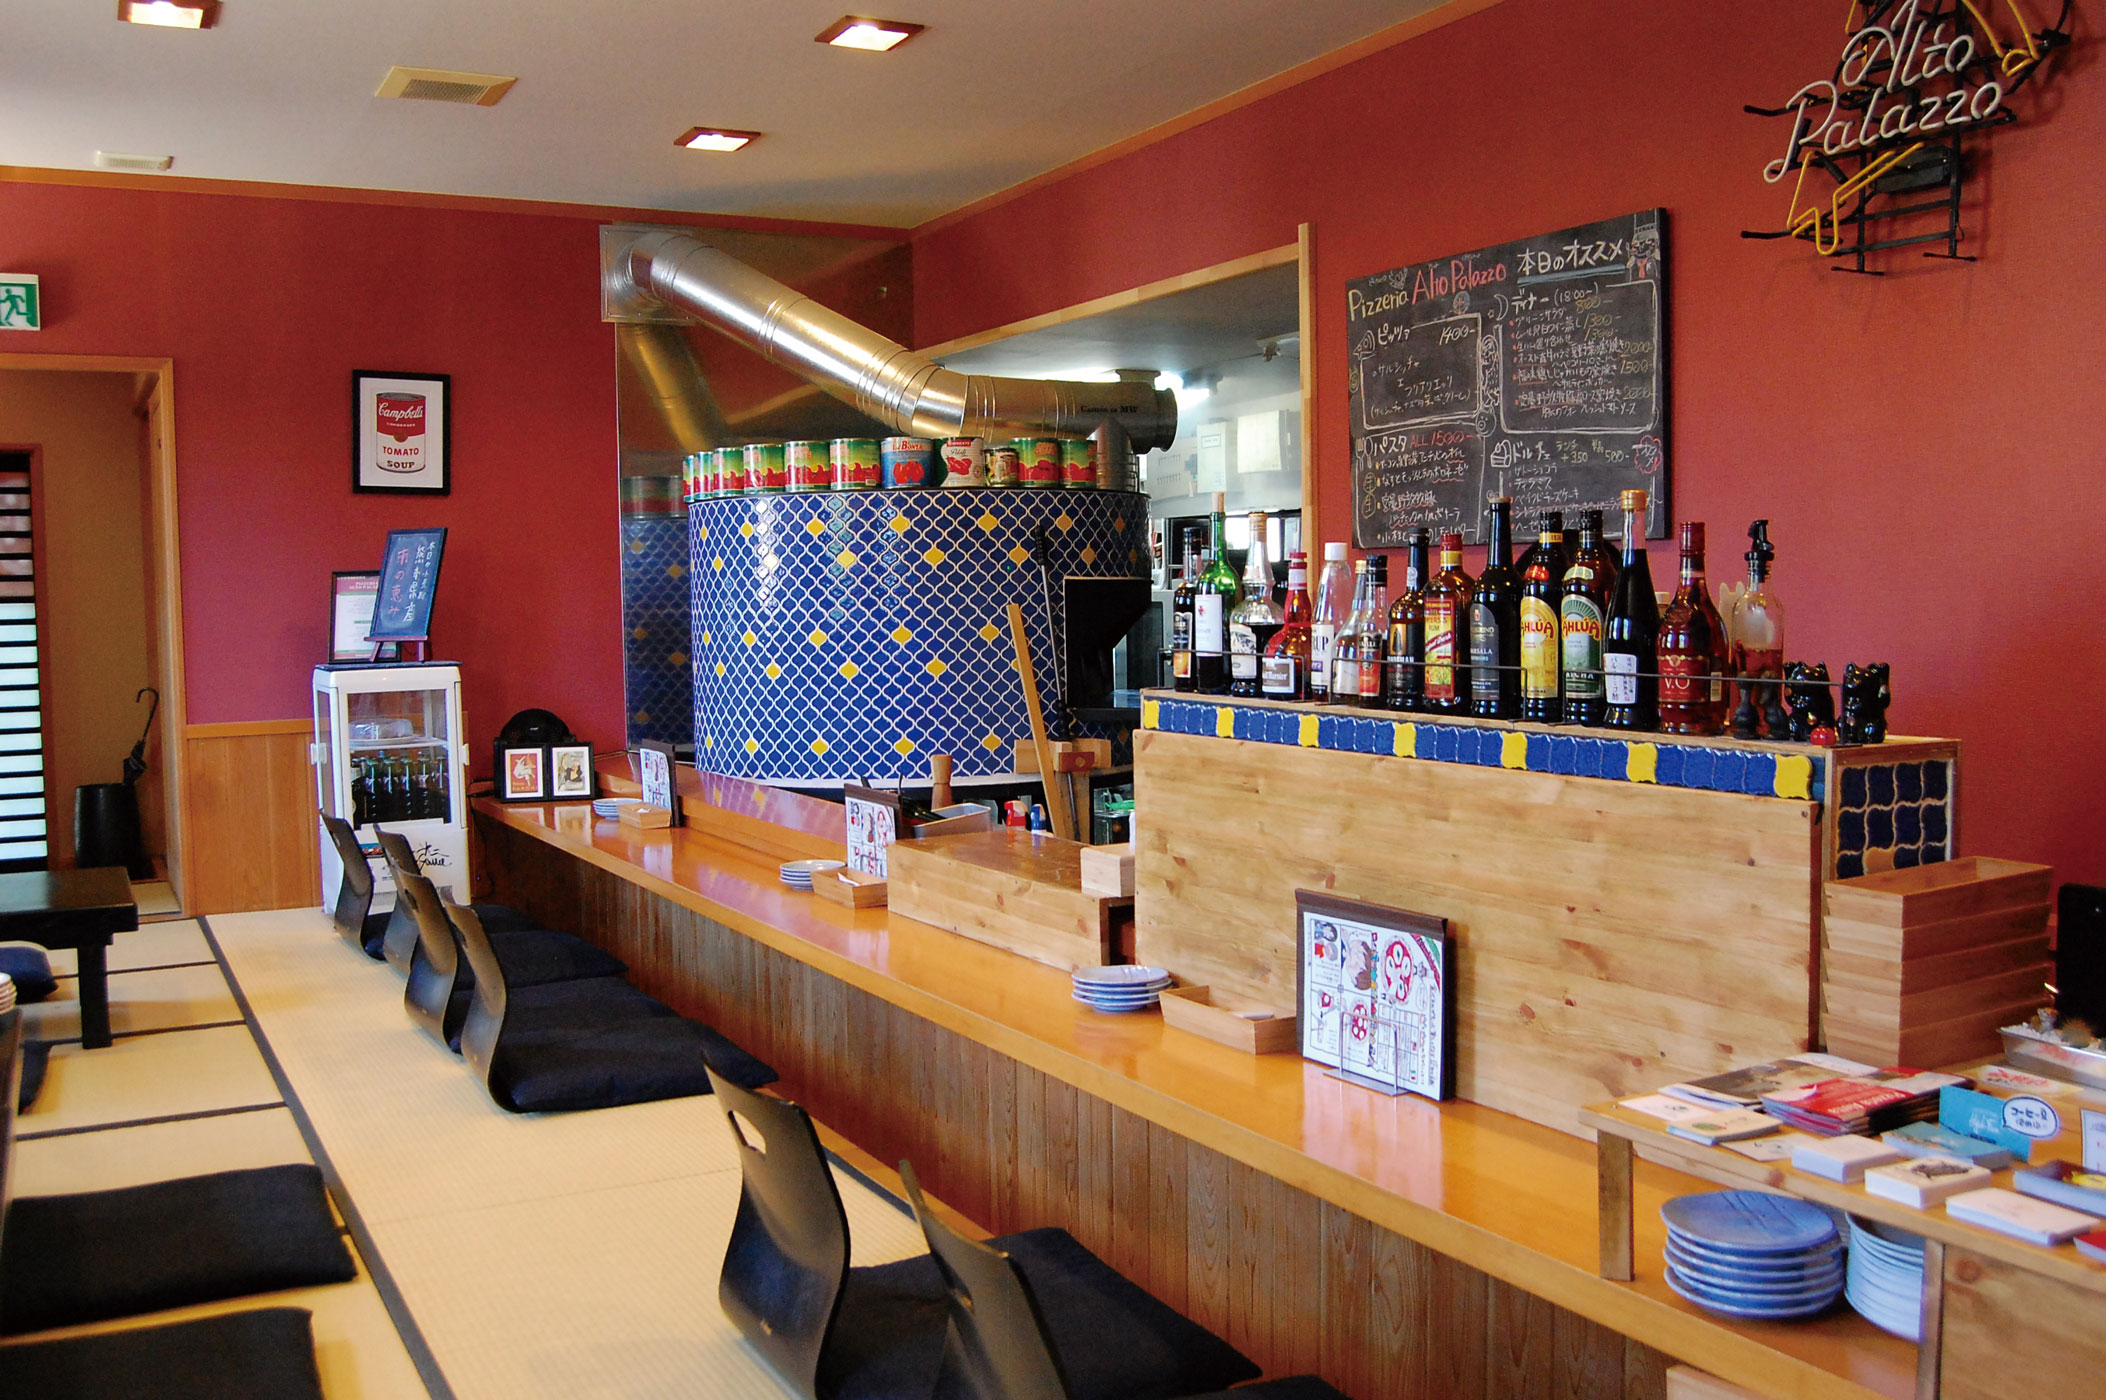 和食店を改装した畳敷きの店内。奥に見えるのが石窯。店内の一角にはキッズスペースや子どもイス、レジャーシートの用意もあります